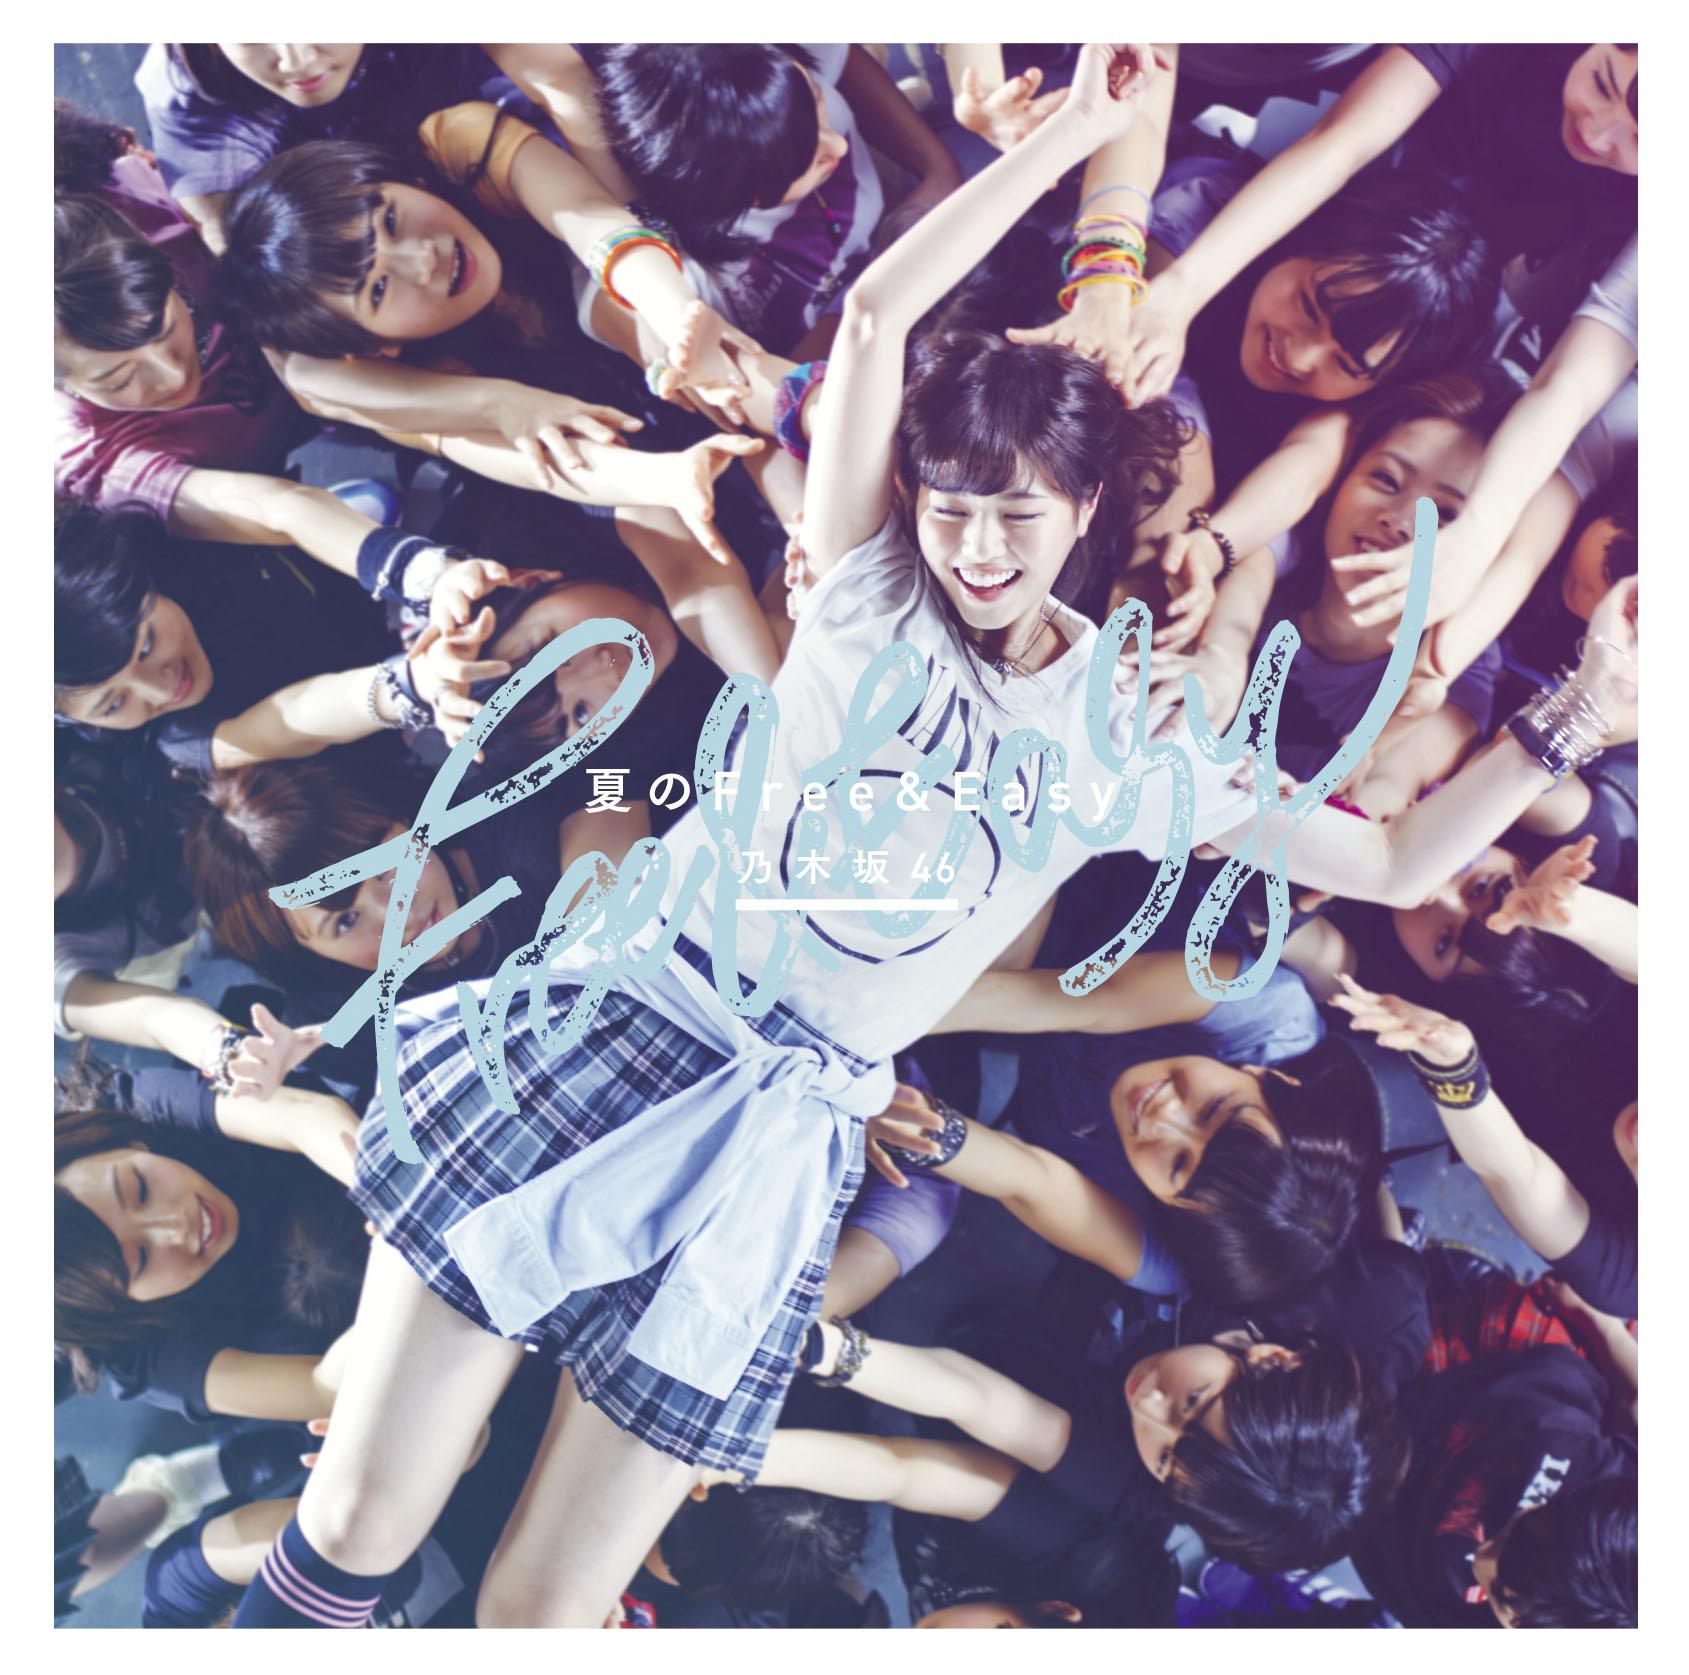 乃木坂46『その先の出口』のMVを独占公開、白石ら大人メンバー9人のユニット曲